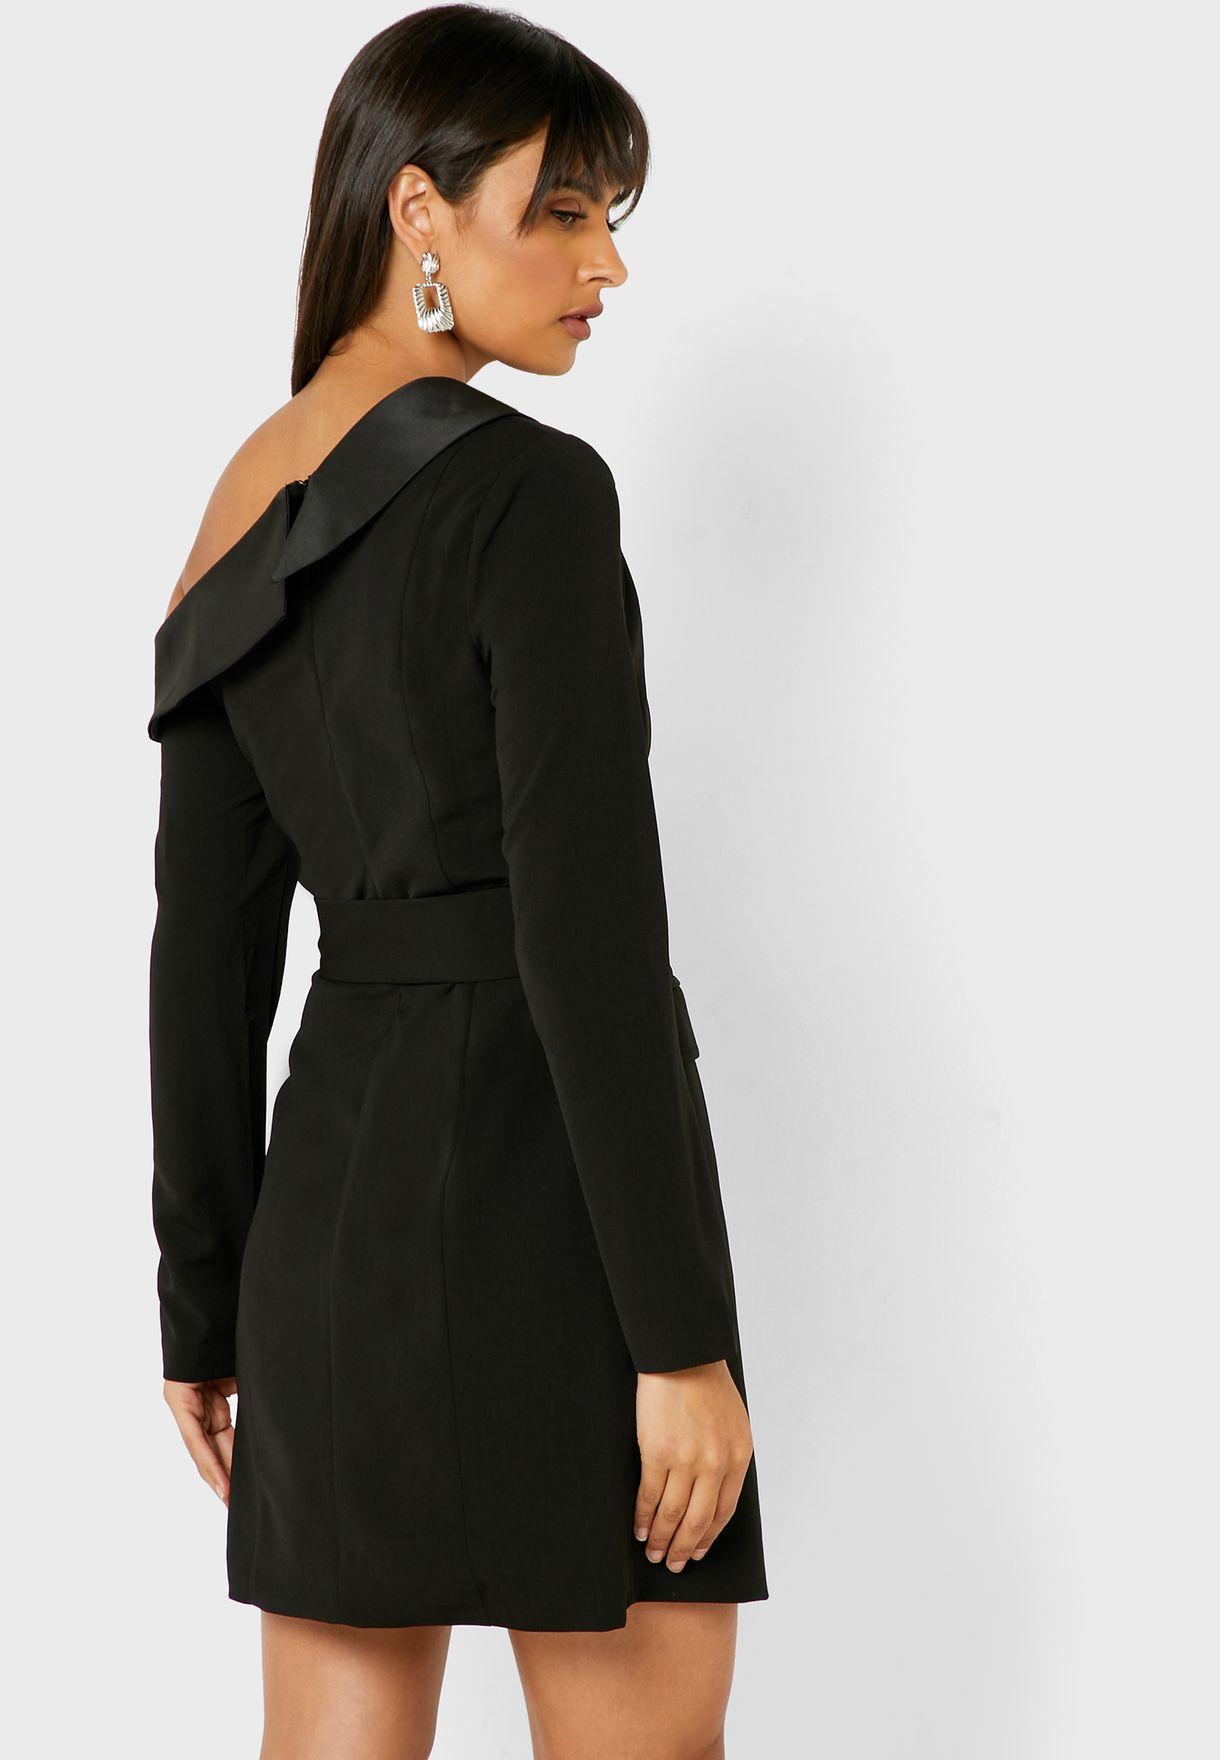 Contrast Detail One Shoulder Belted Dress